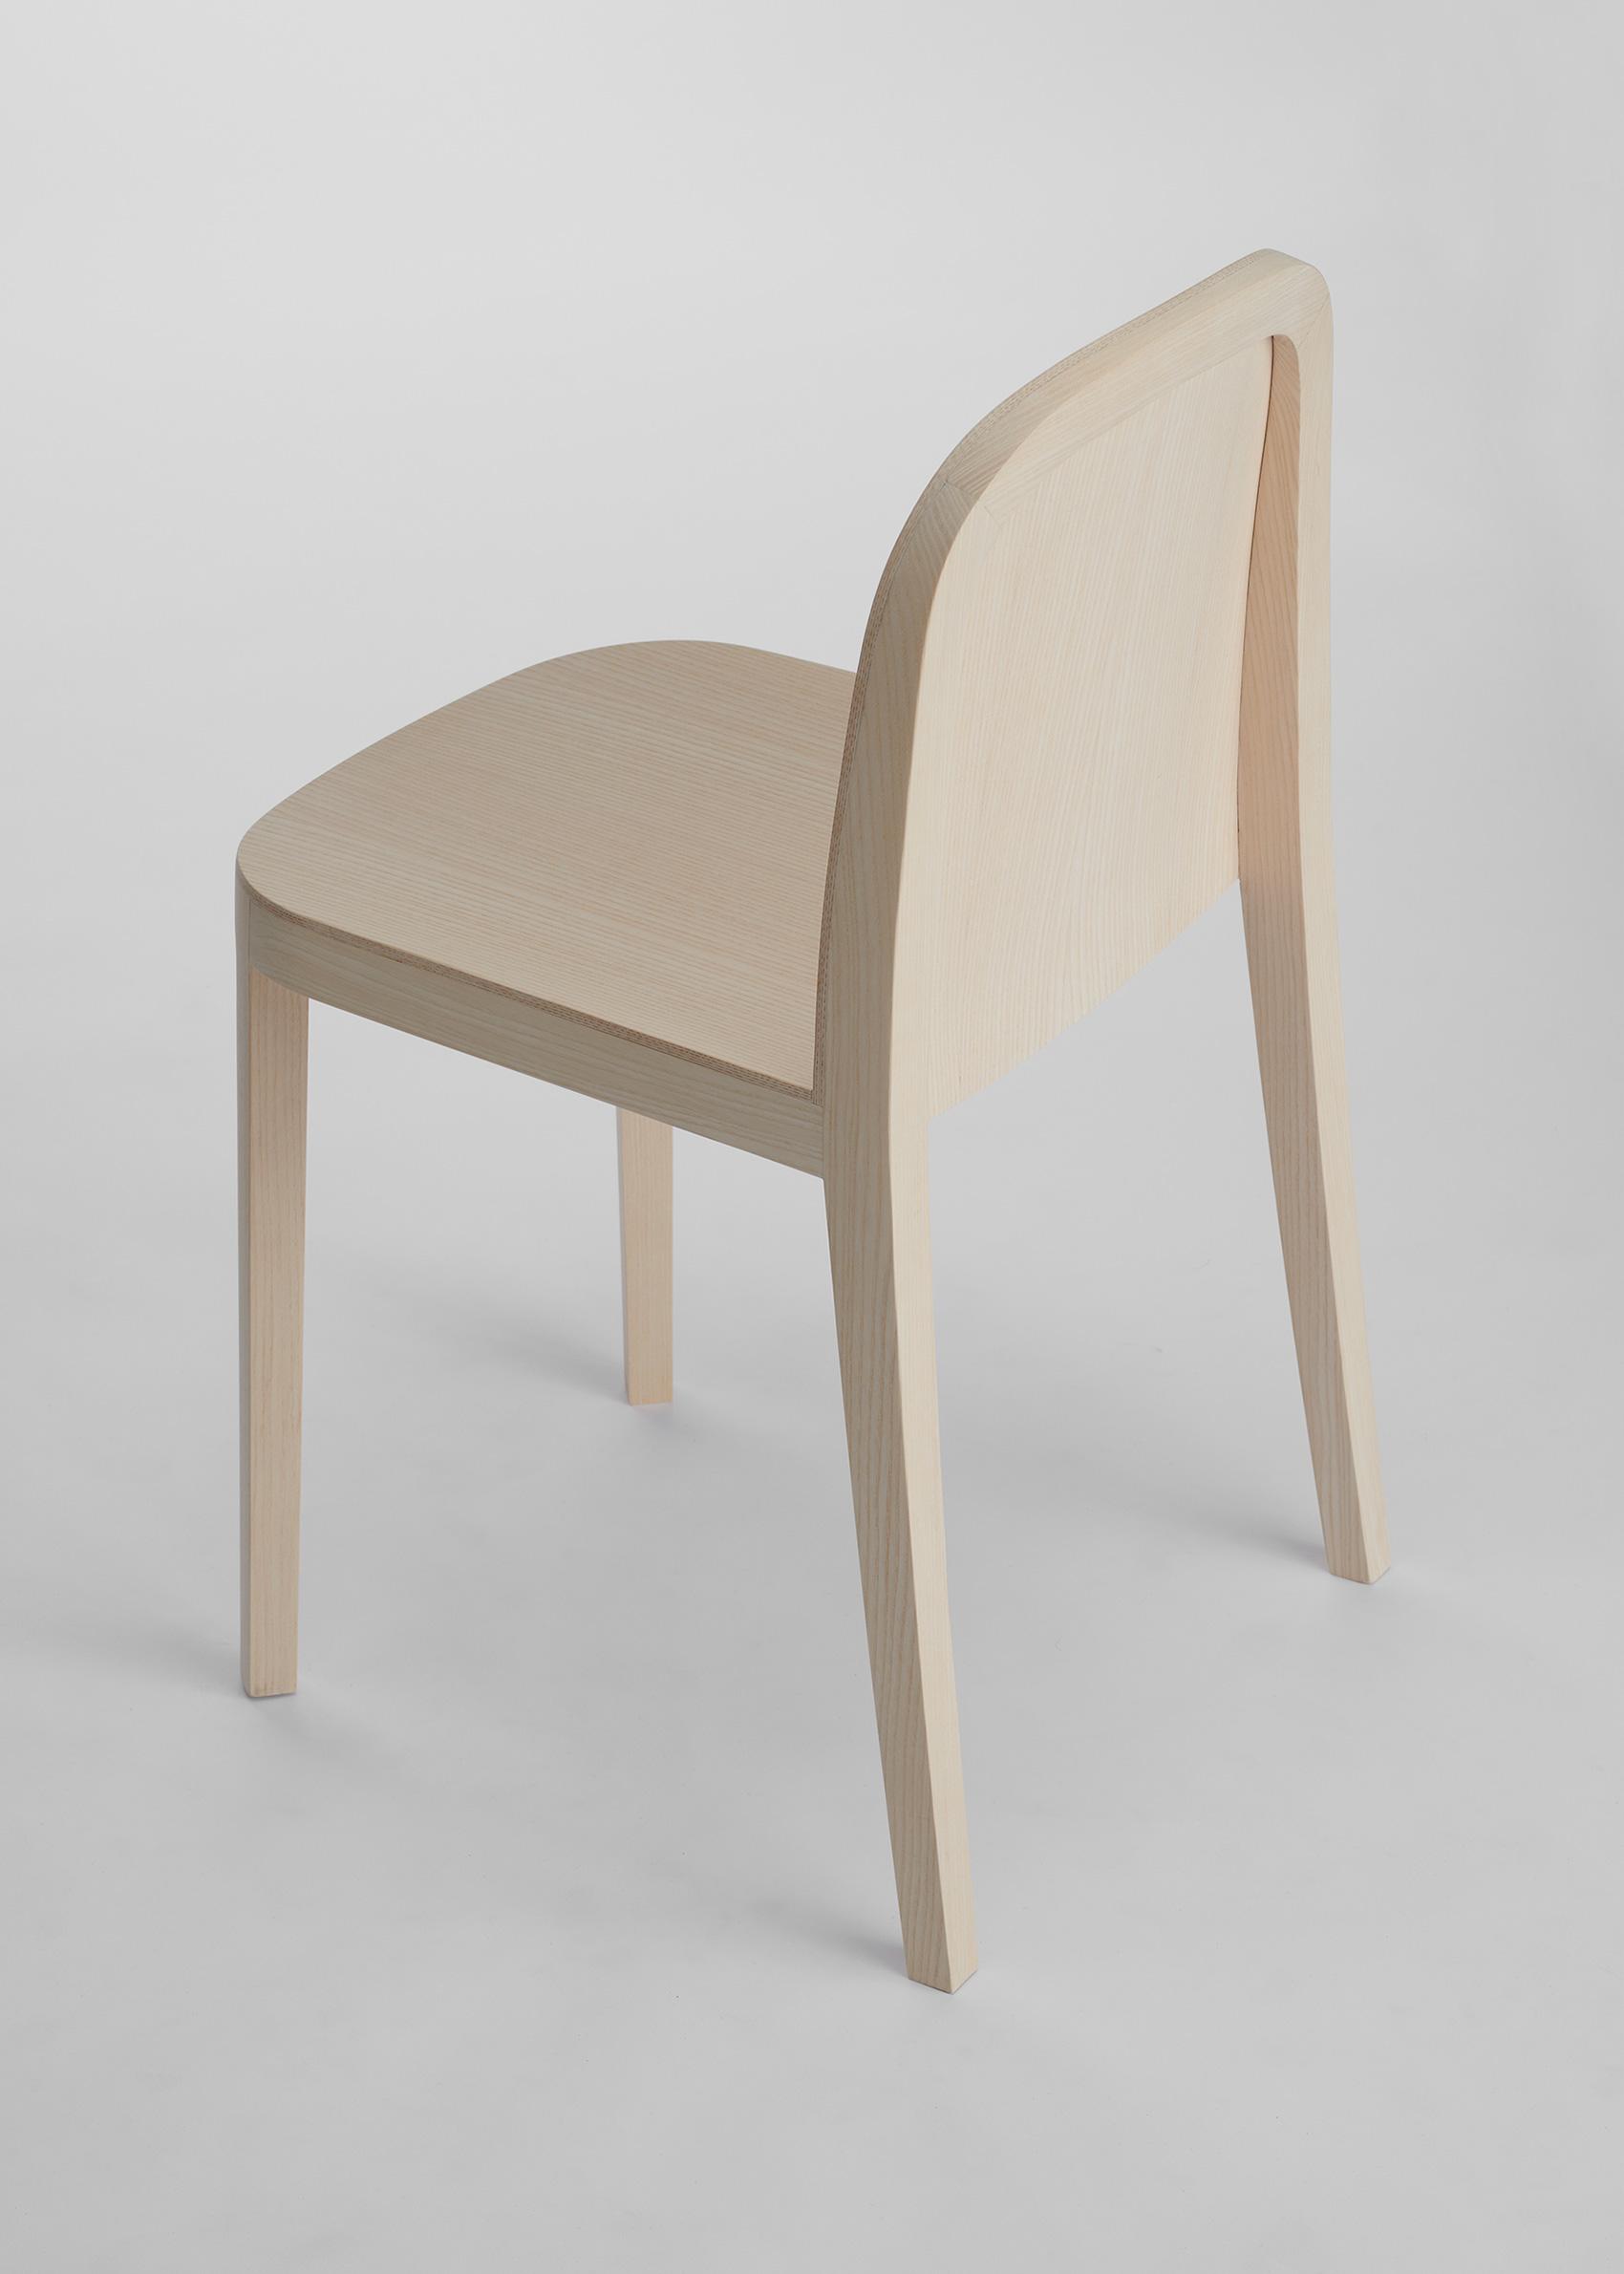 Naua chair by Mario Martinez